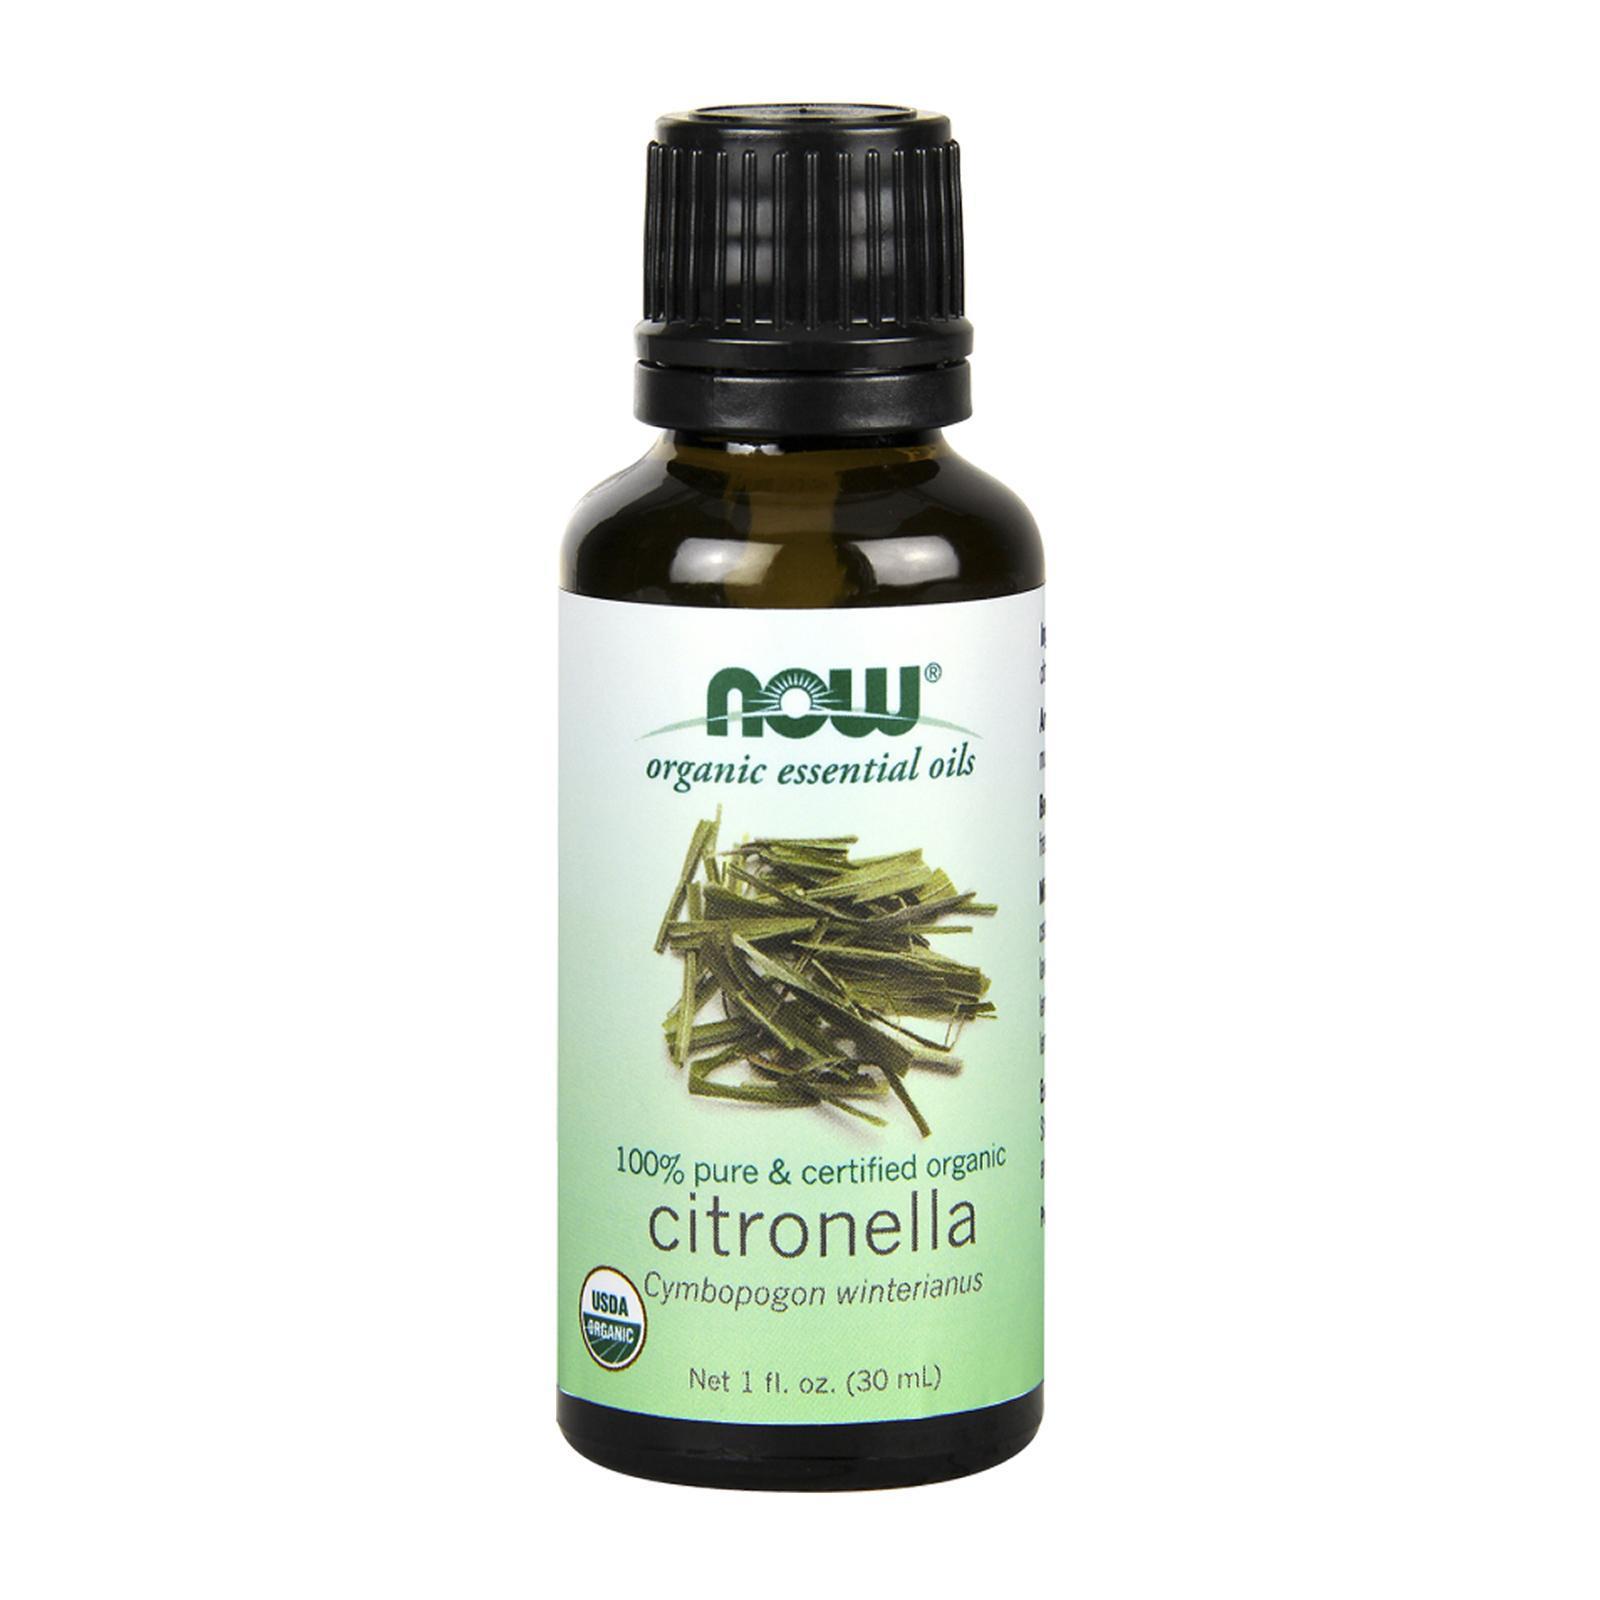 Now Foods Organic Essential Oil Citronella 1 Oz (30Ml)